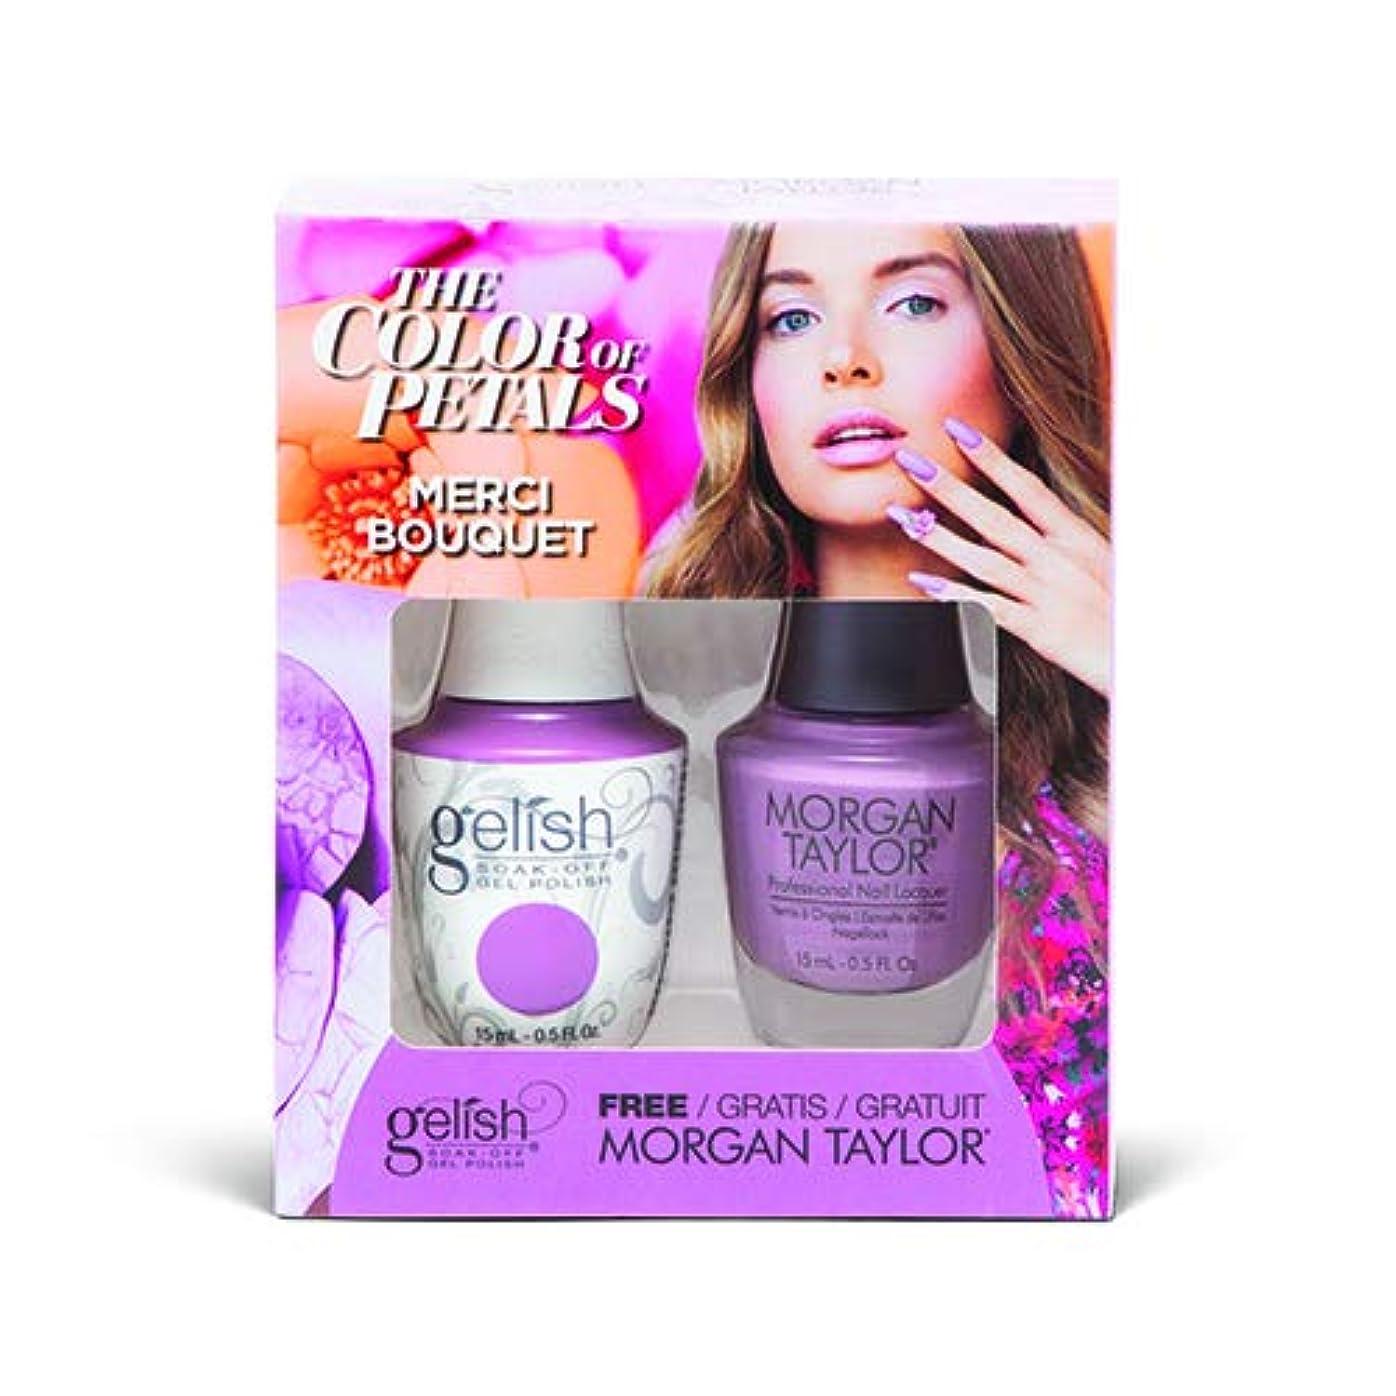 ながらフォーク拮抗Harmony Gelish - Two Of A Kind - The Color Of Petals - Merci Bouquet - 15 mL / 0.5 Oz